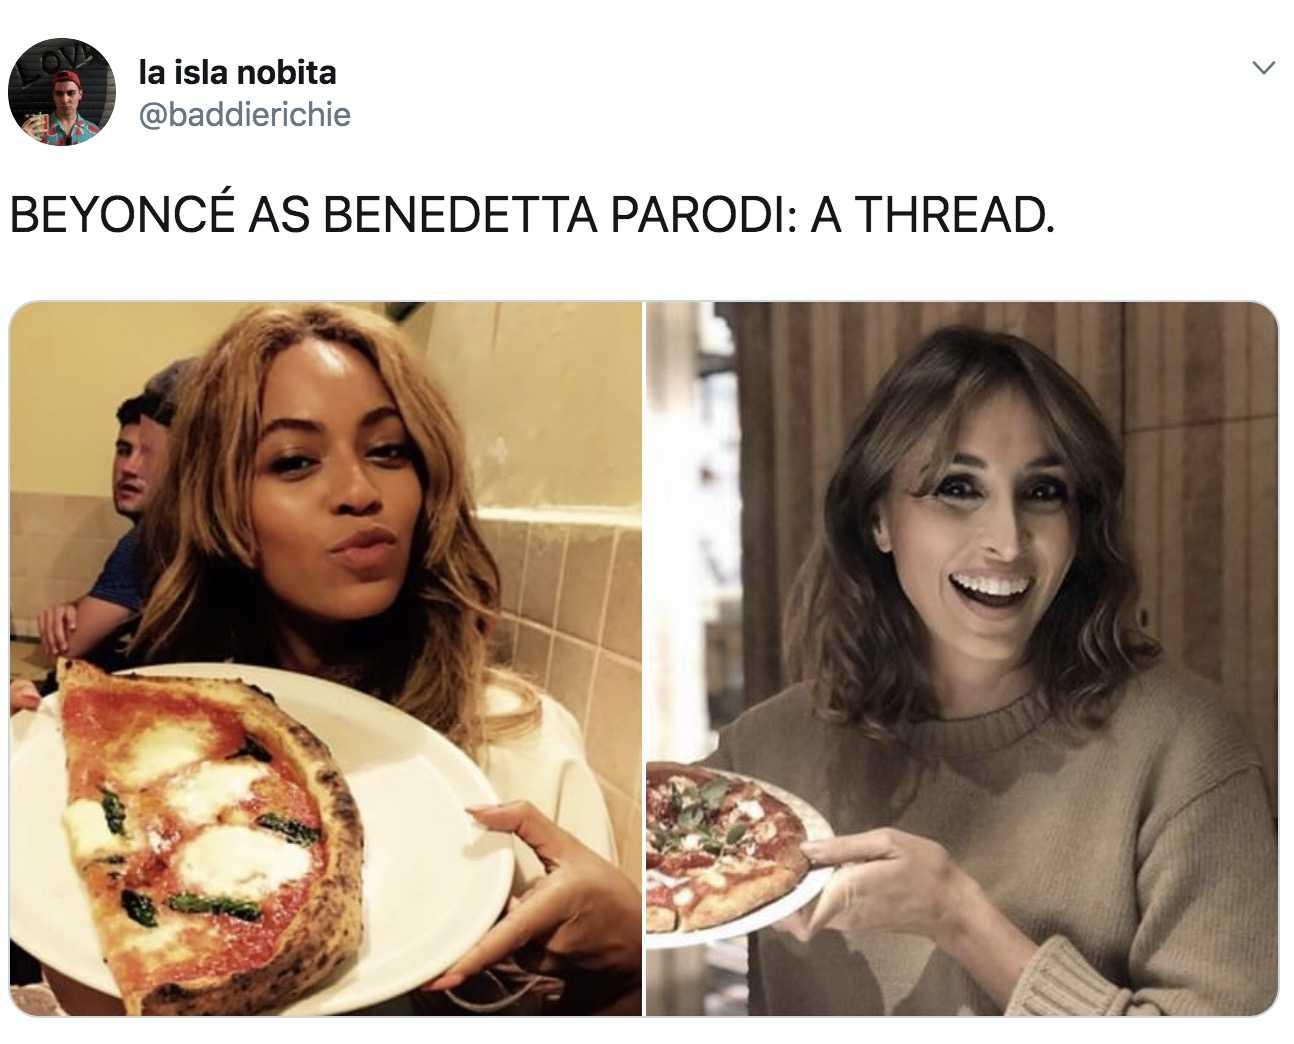 Beyoncé Benedetta Parodi 2019-07-02 alle 15.06.31